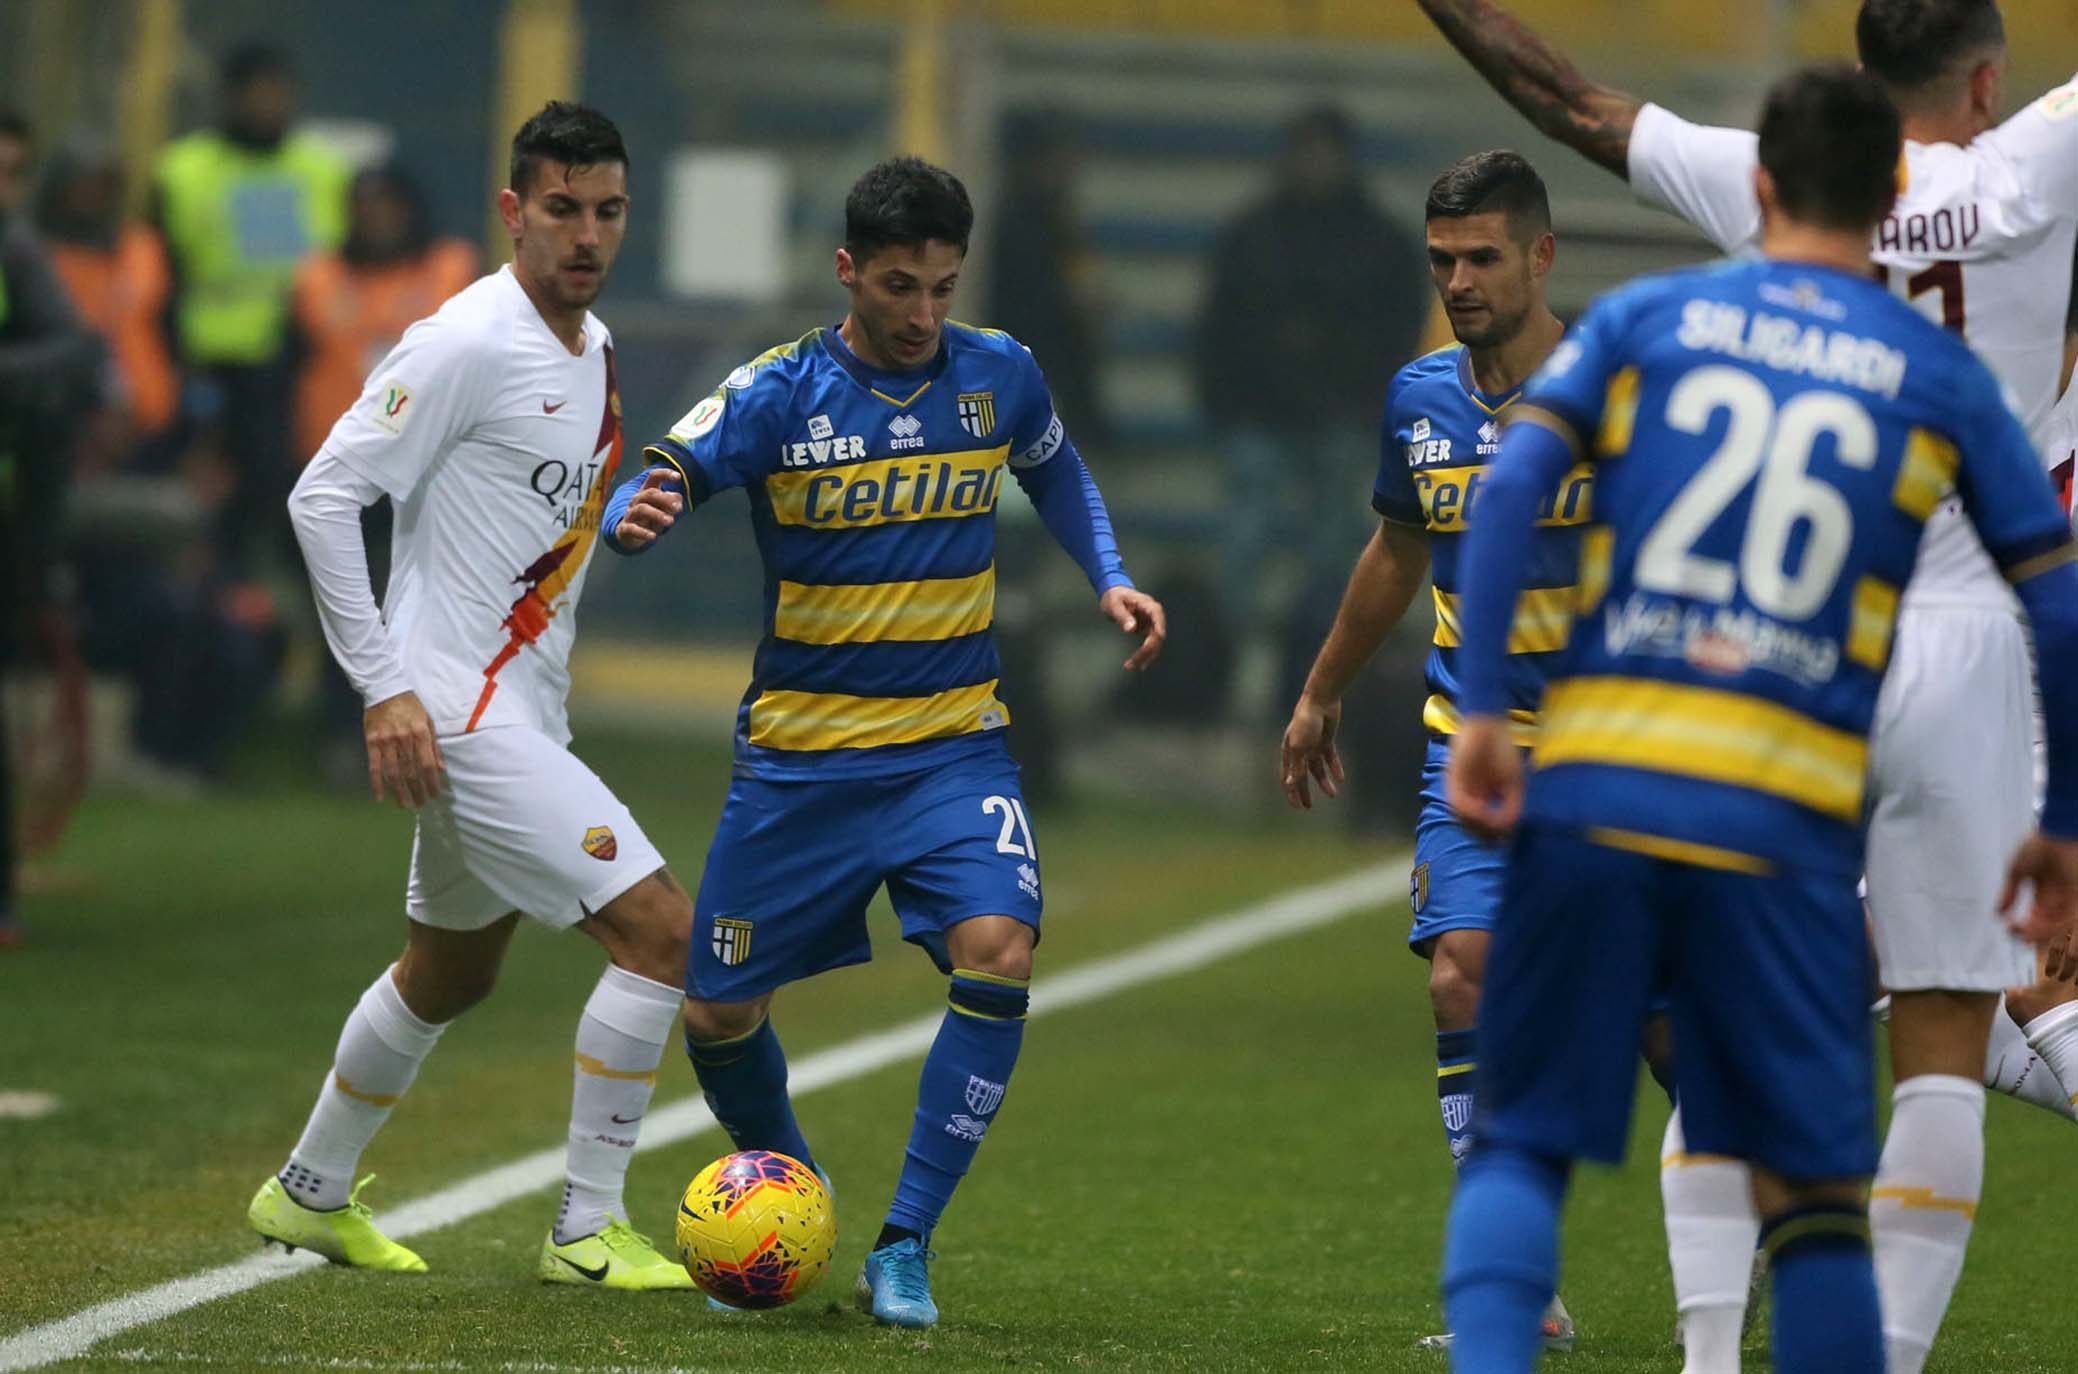 LIVE Roma-Parma 2-1 il risultato in diretta: Veretout ribalta il risultato